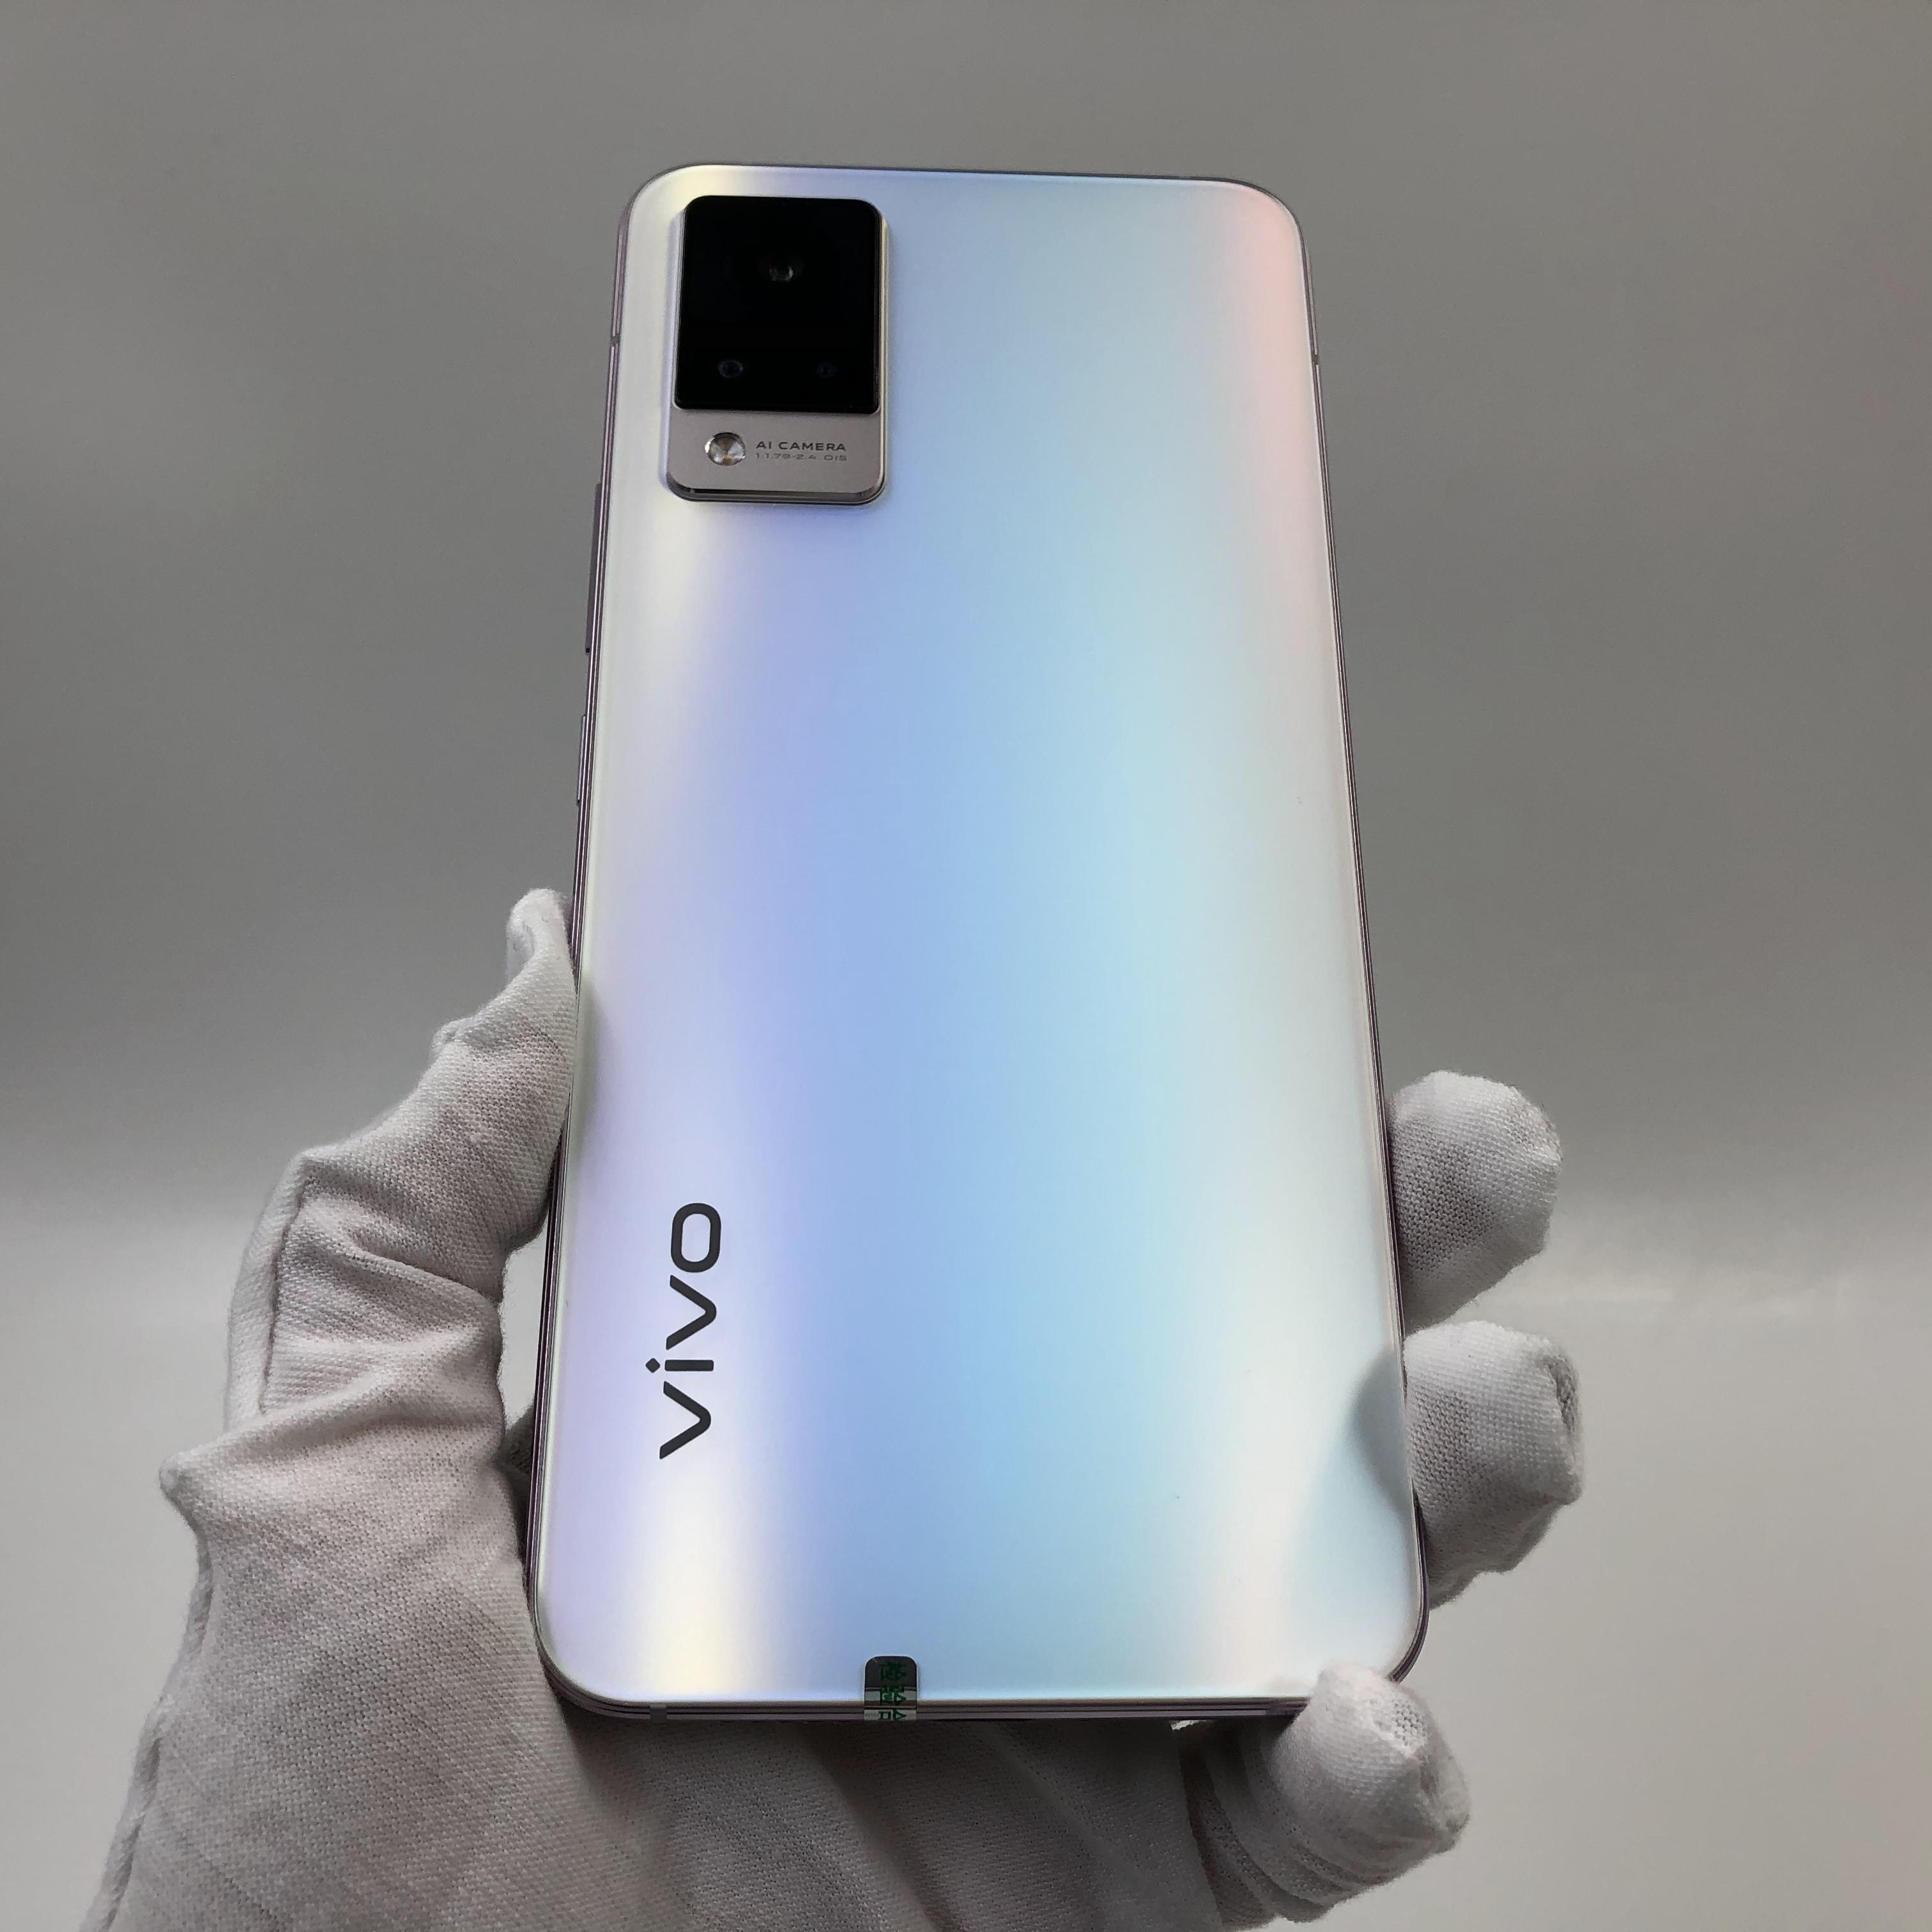 vivo【S9 5G】5G全网通 朝露白 12G/256G 国行 95新 真机实拍官保2022-03-16